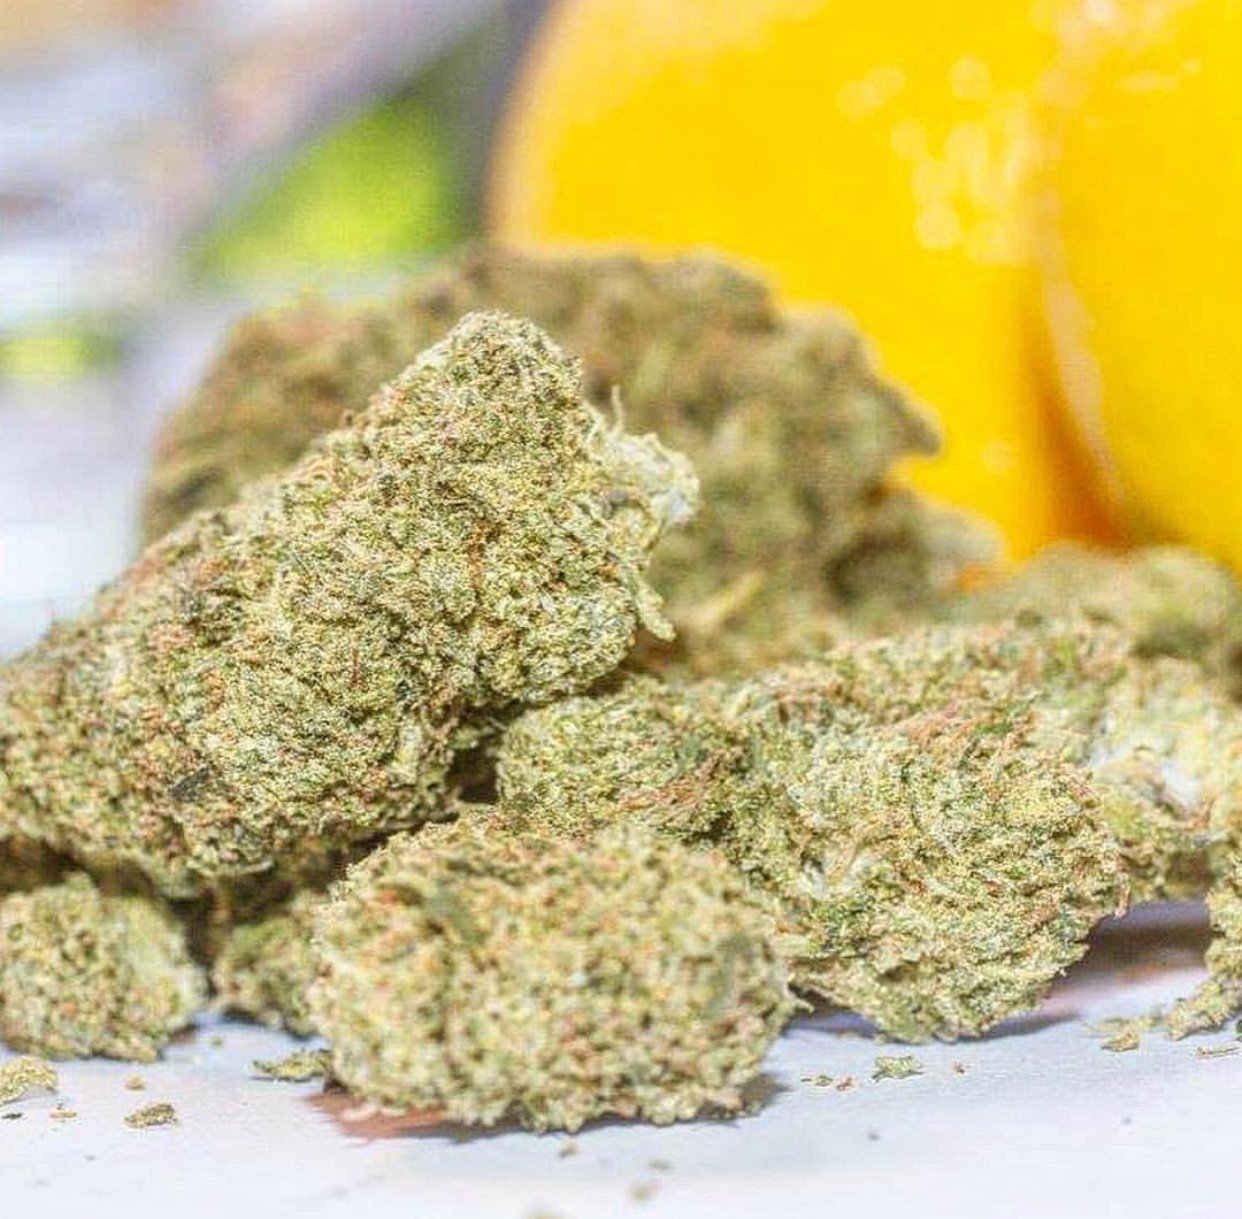 Lemon Kush Product image